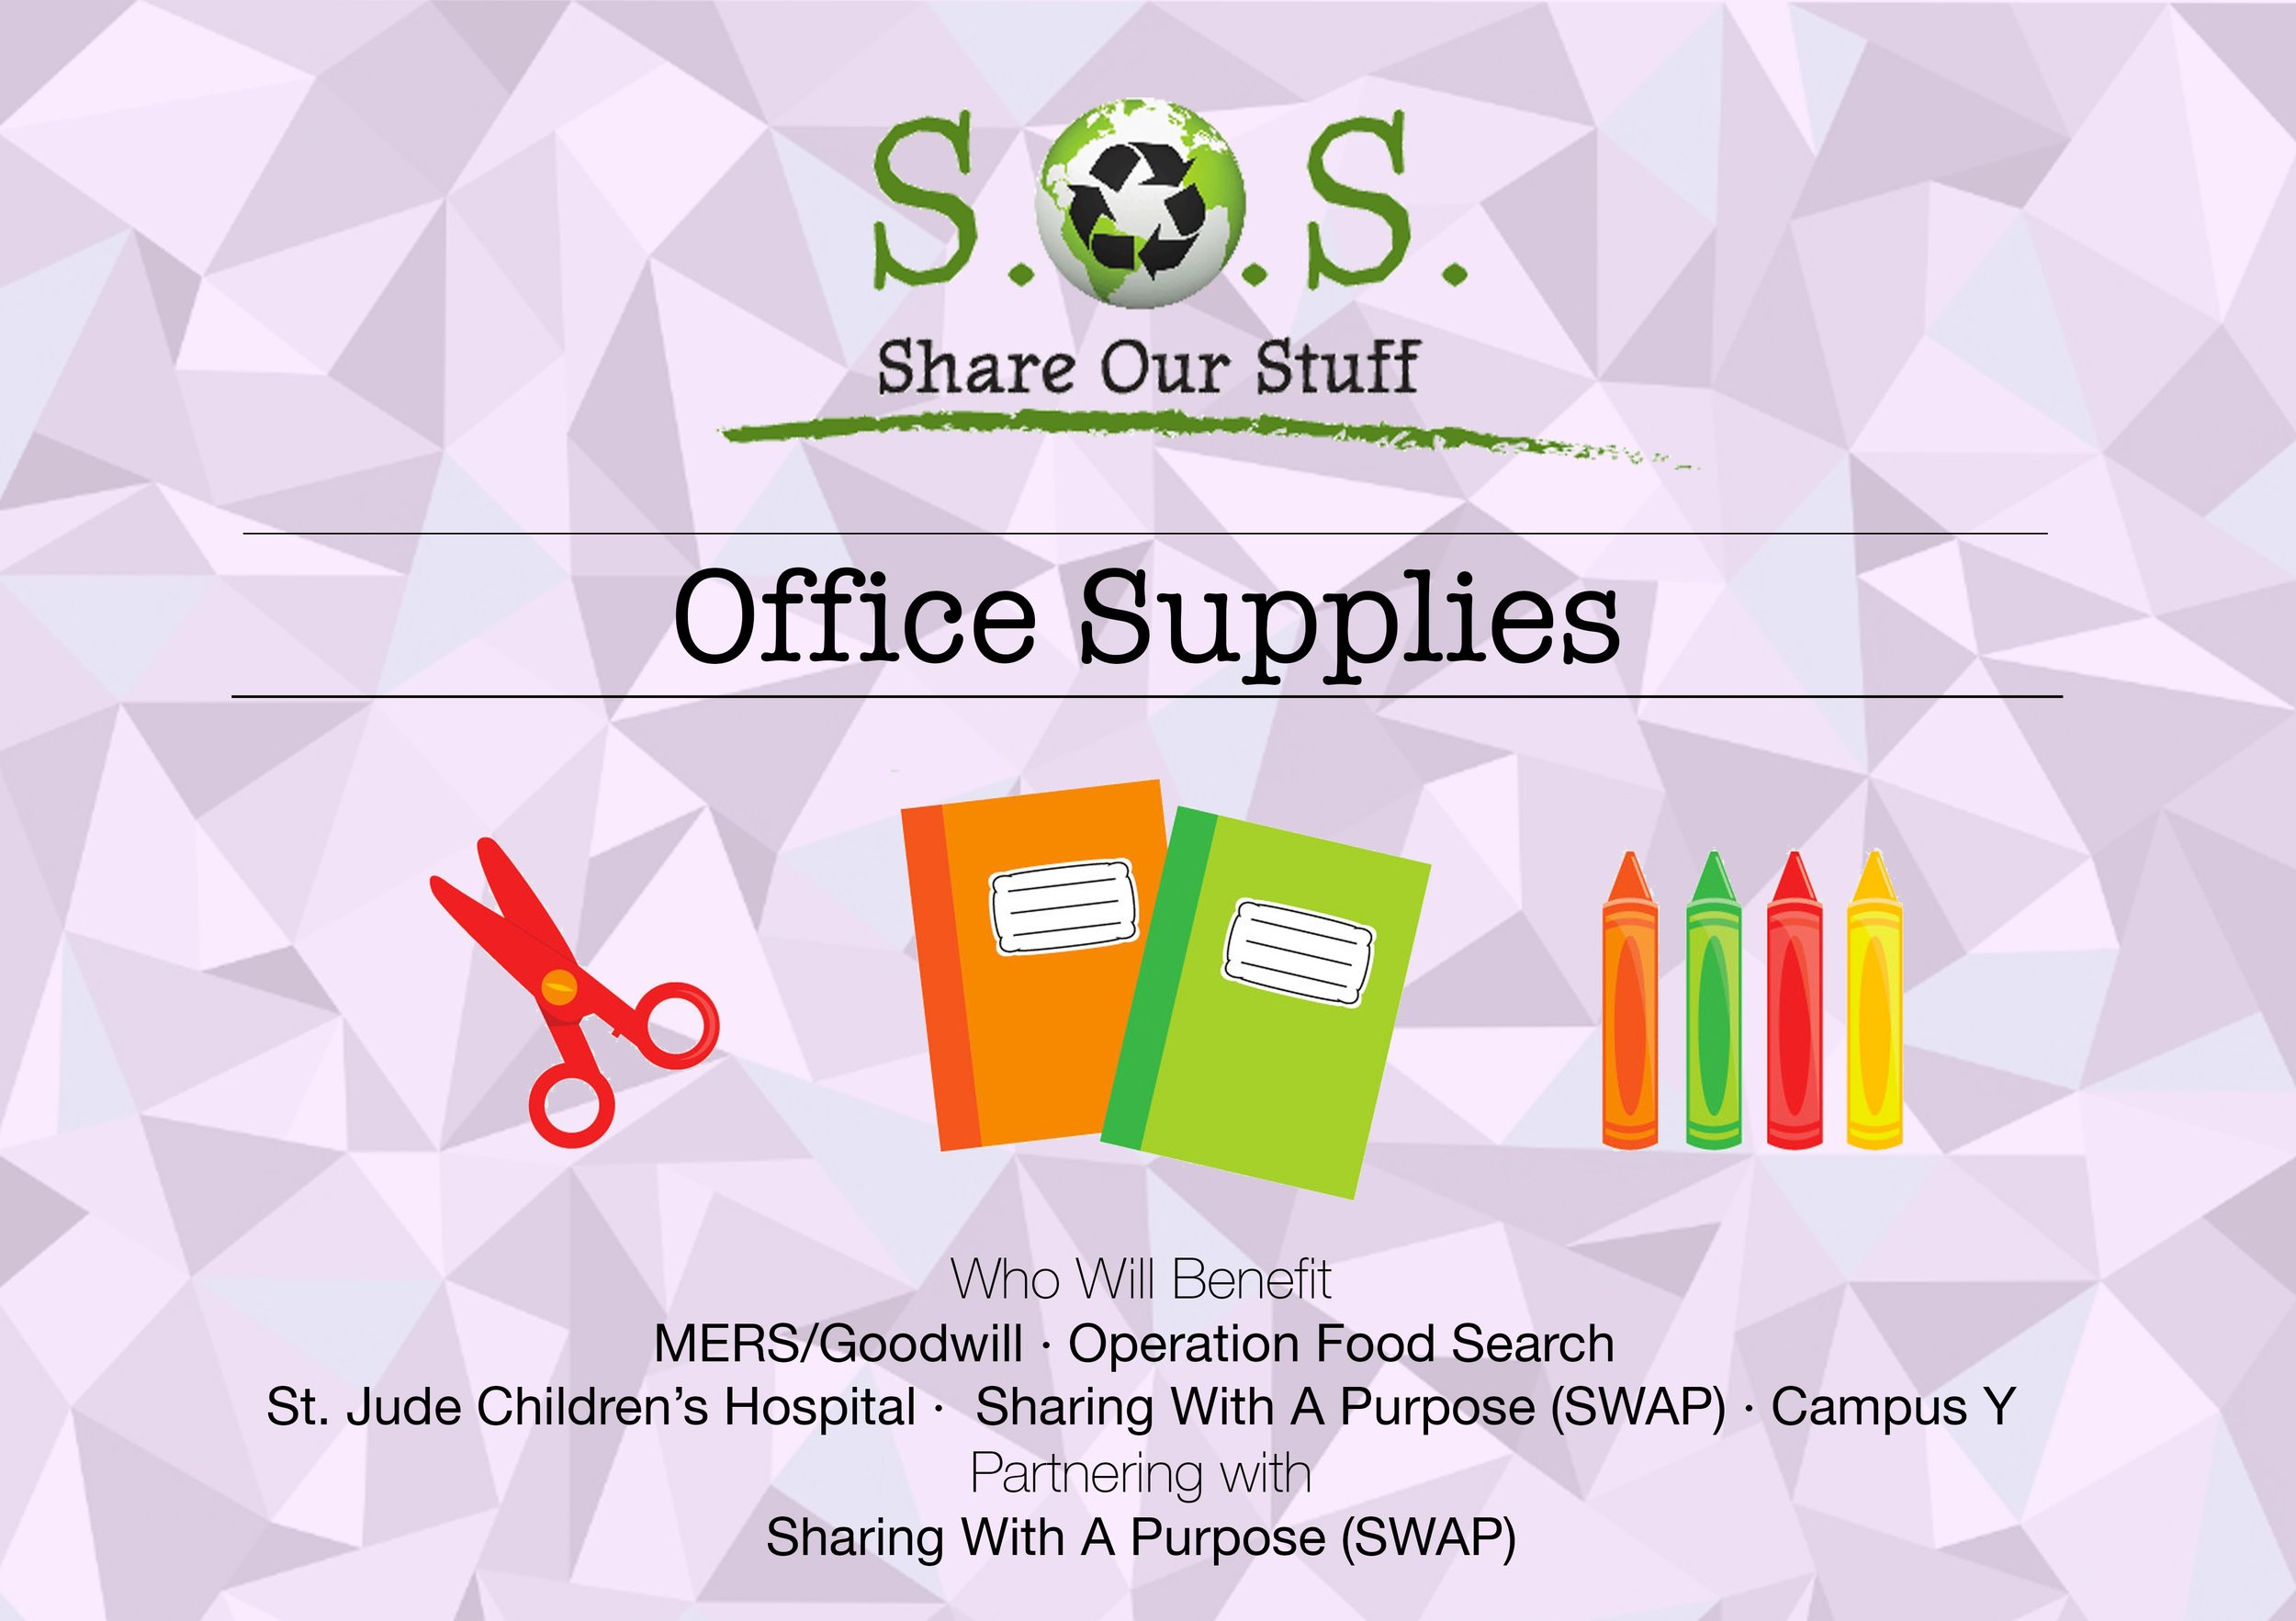 office_supplies.jpg